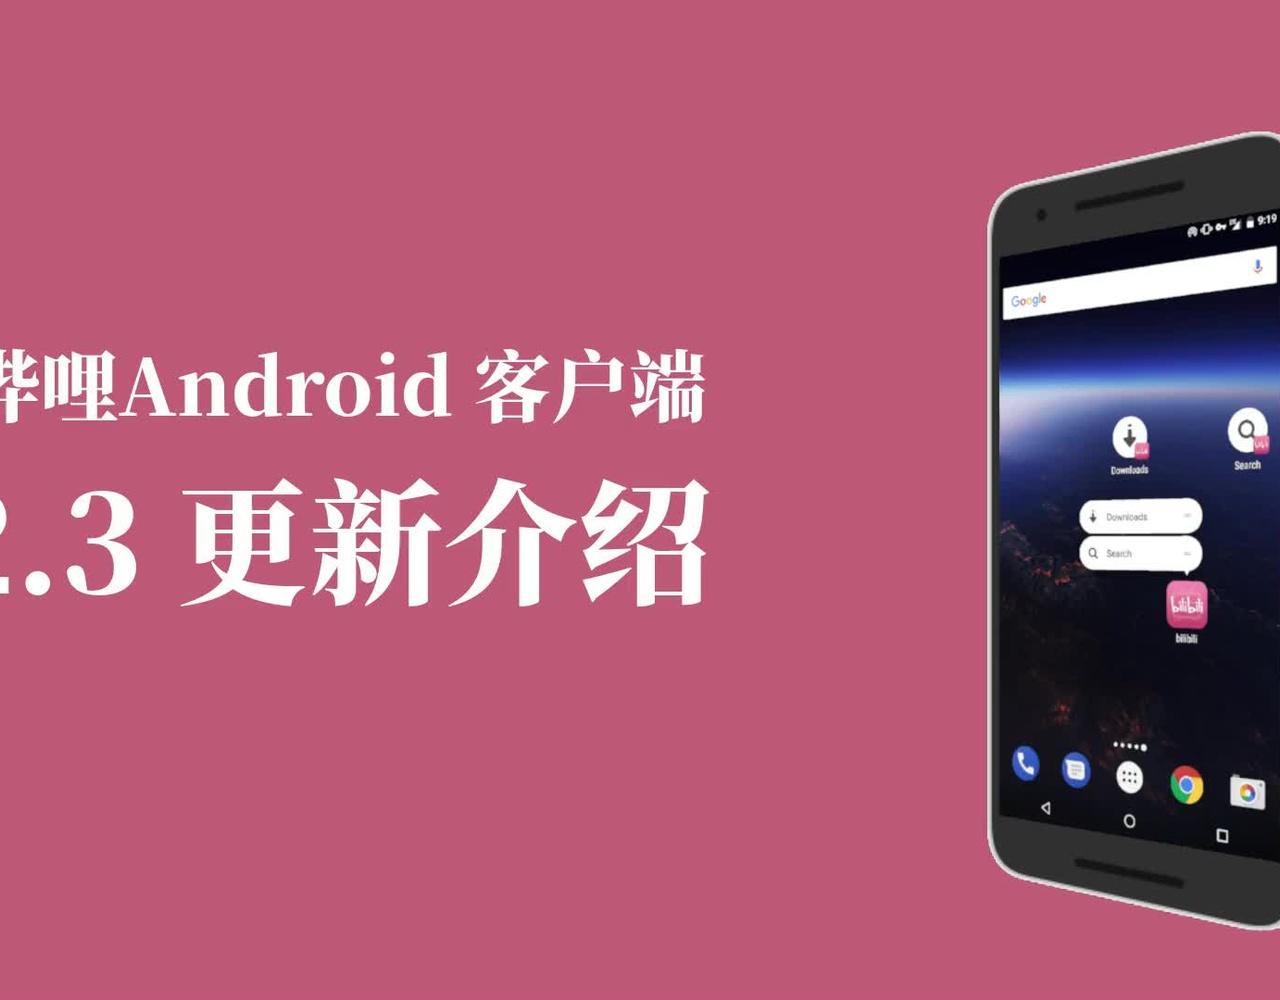 【哔哩哔哩】b站Android 客户端更新简介